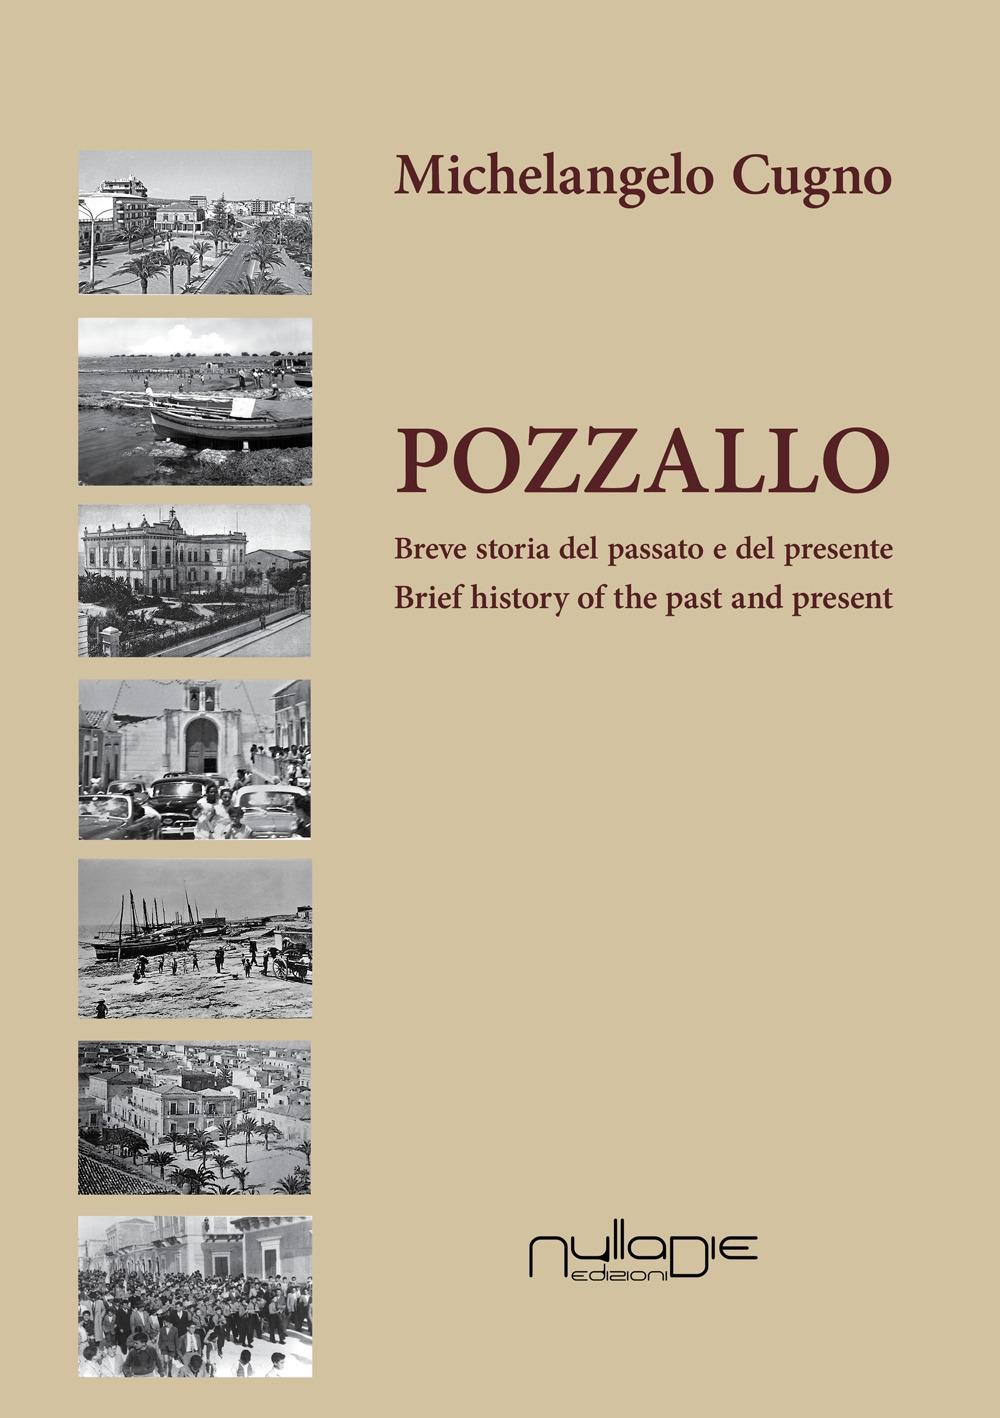 Pozzallo. Breve storia del passato e del presente. Brief history of the past and present.